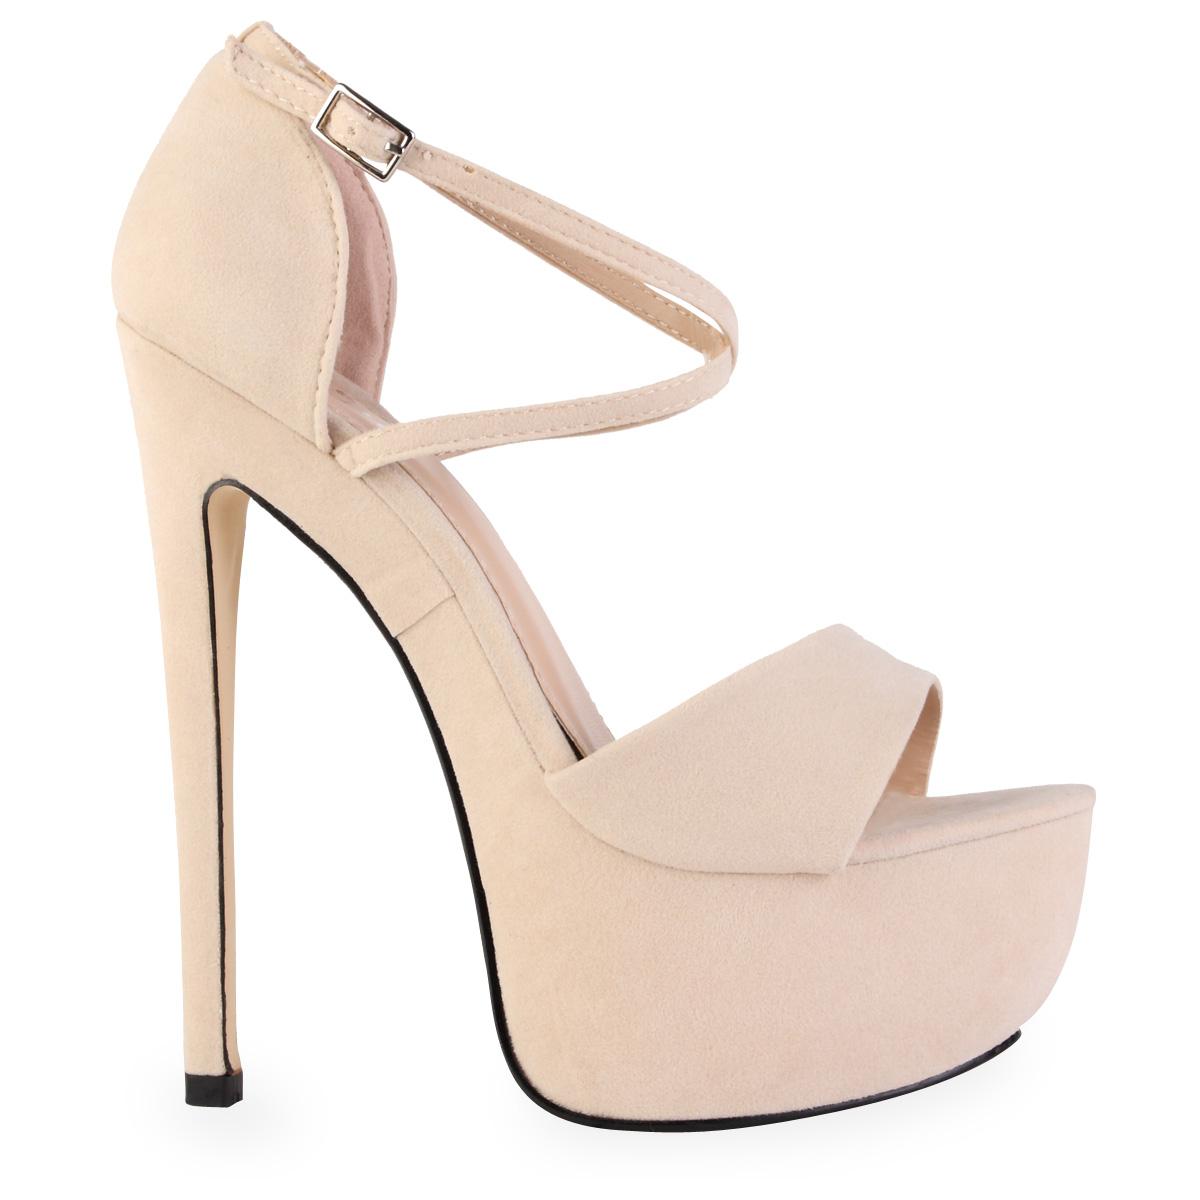 Size 2 Nude Heels